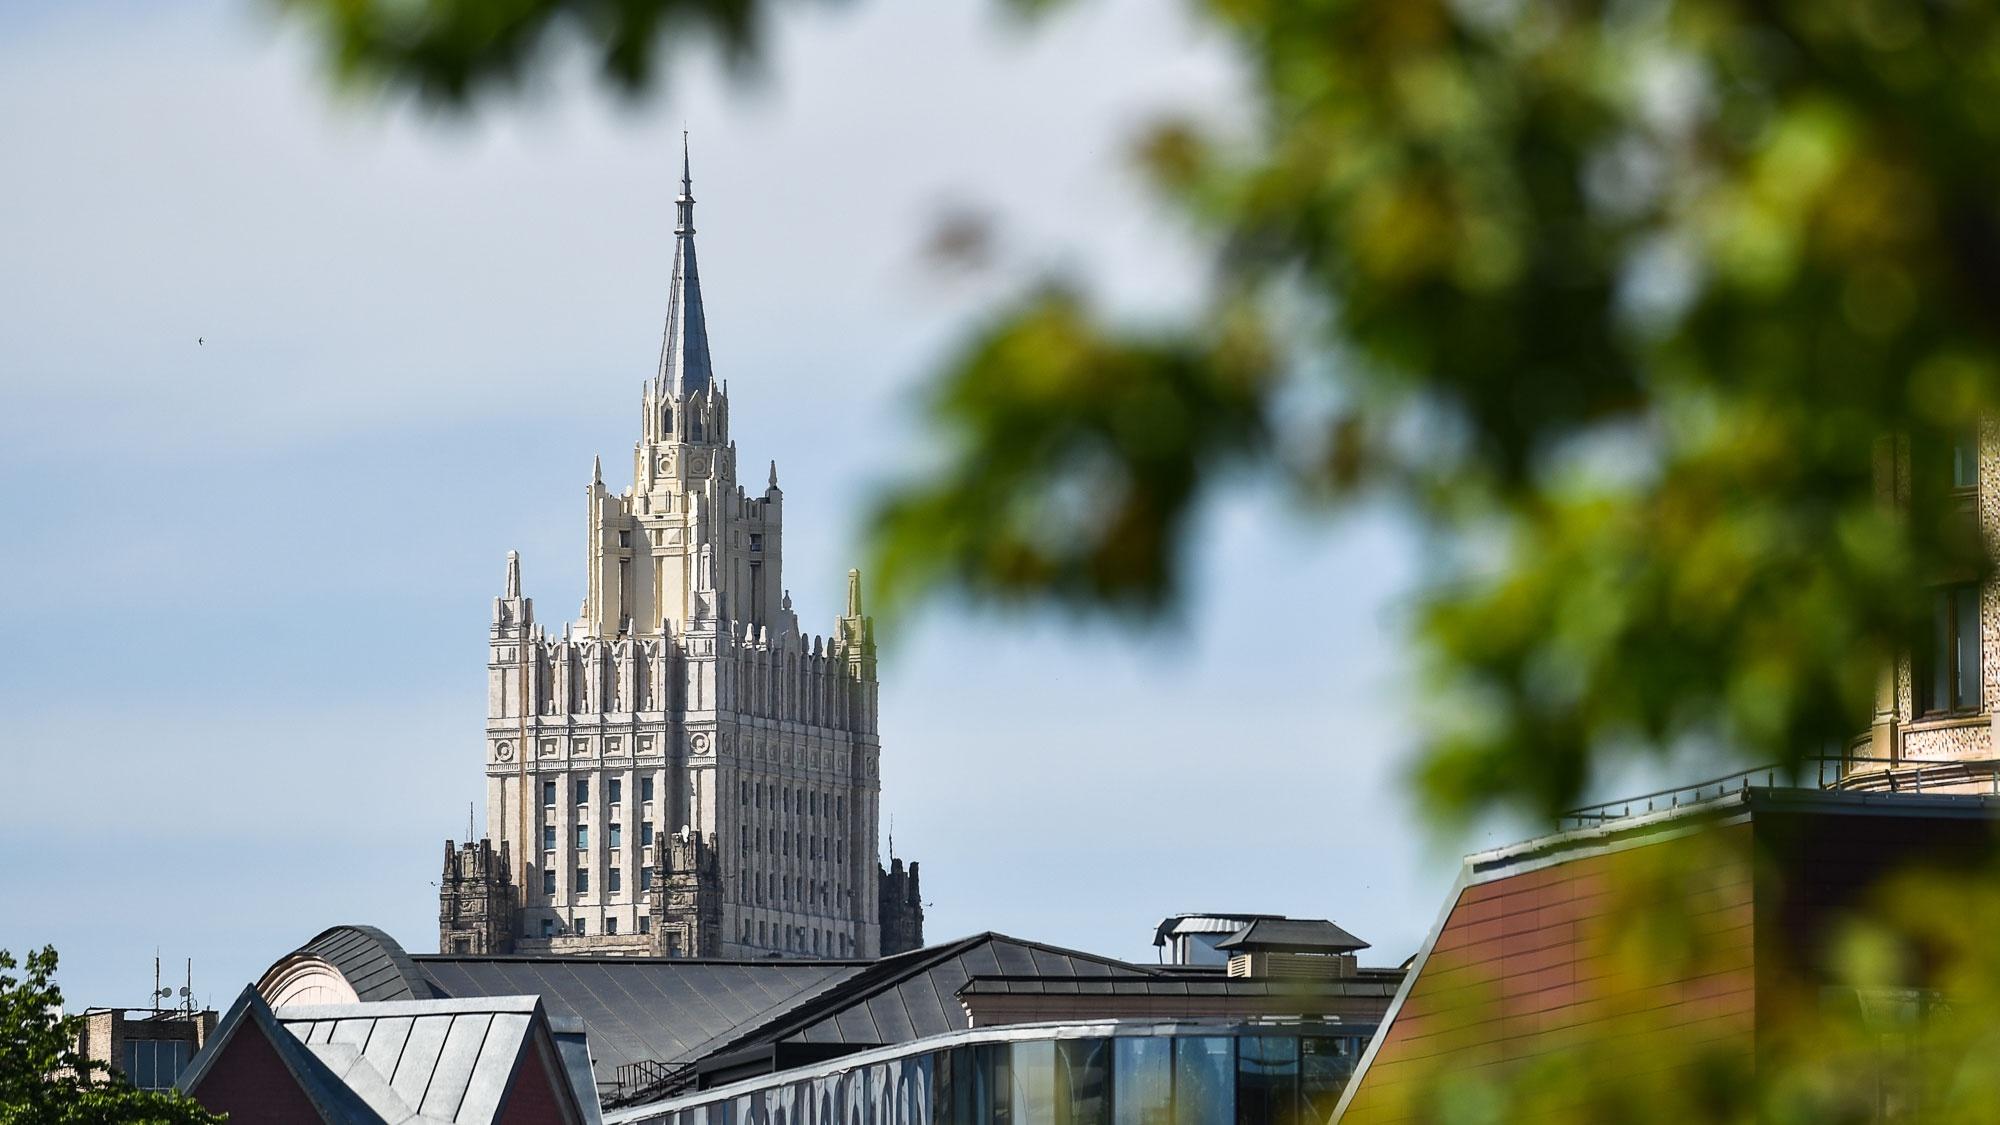 В МИД РФ заявили, что США уведомили Россию о выходе из Договора по открытому небу